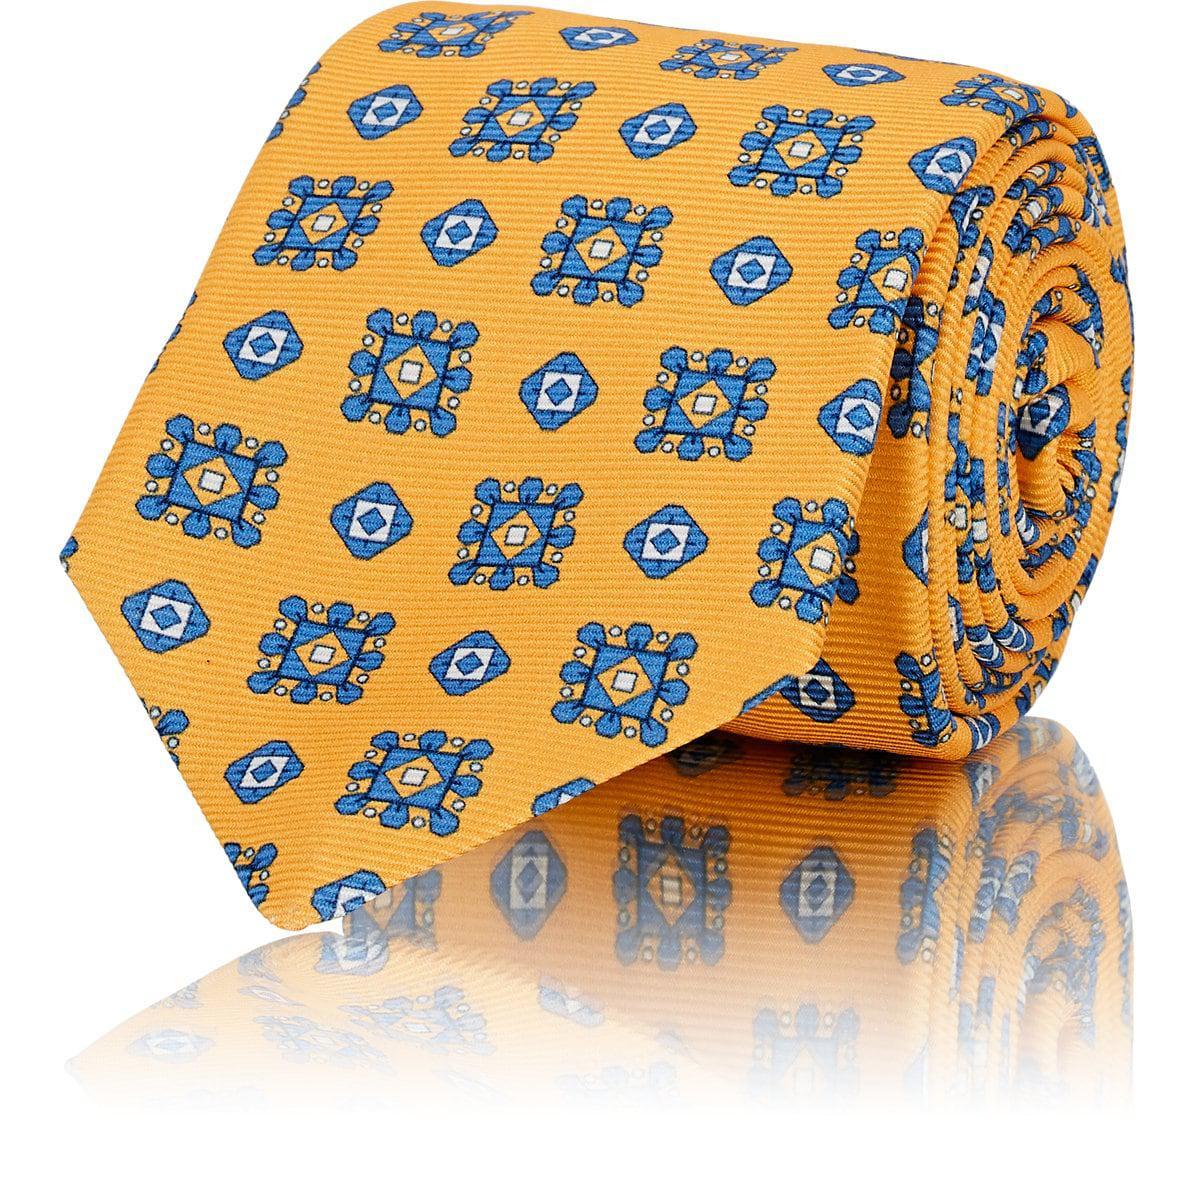 Mens Médaillon En Soie Imprimé Kiton Cravate Reps 3OsR2